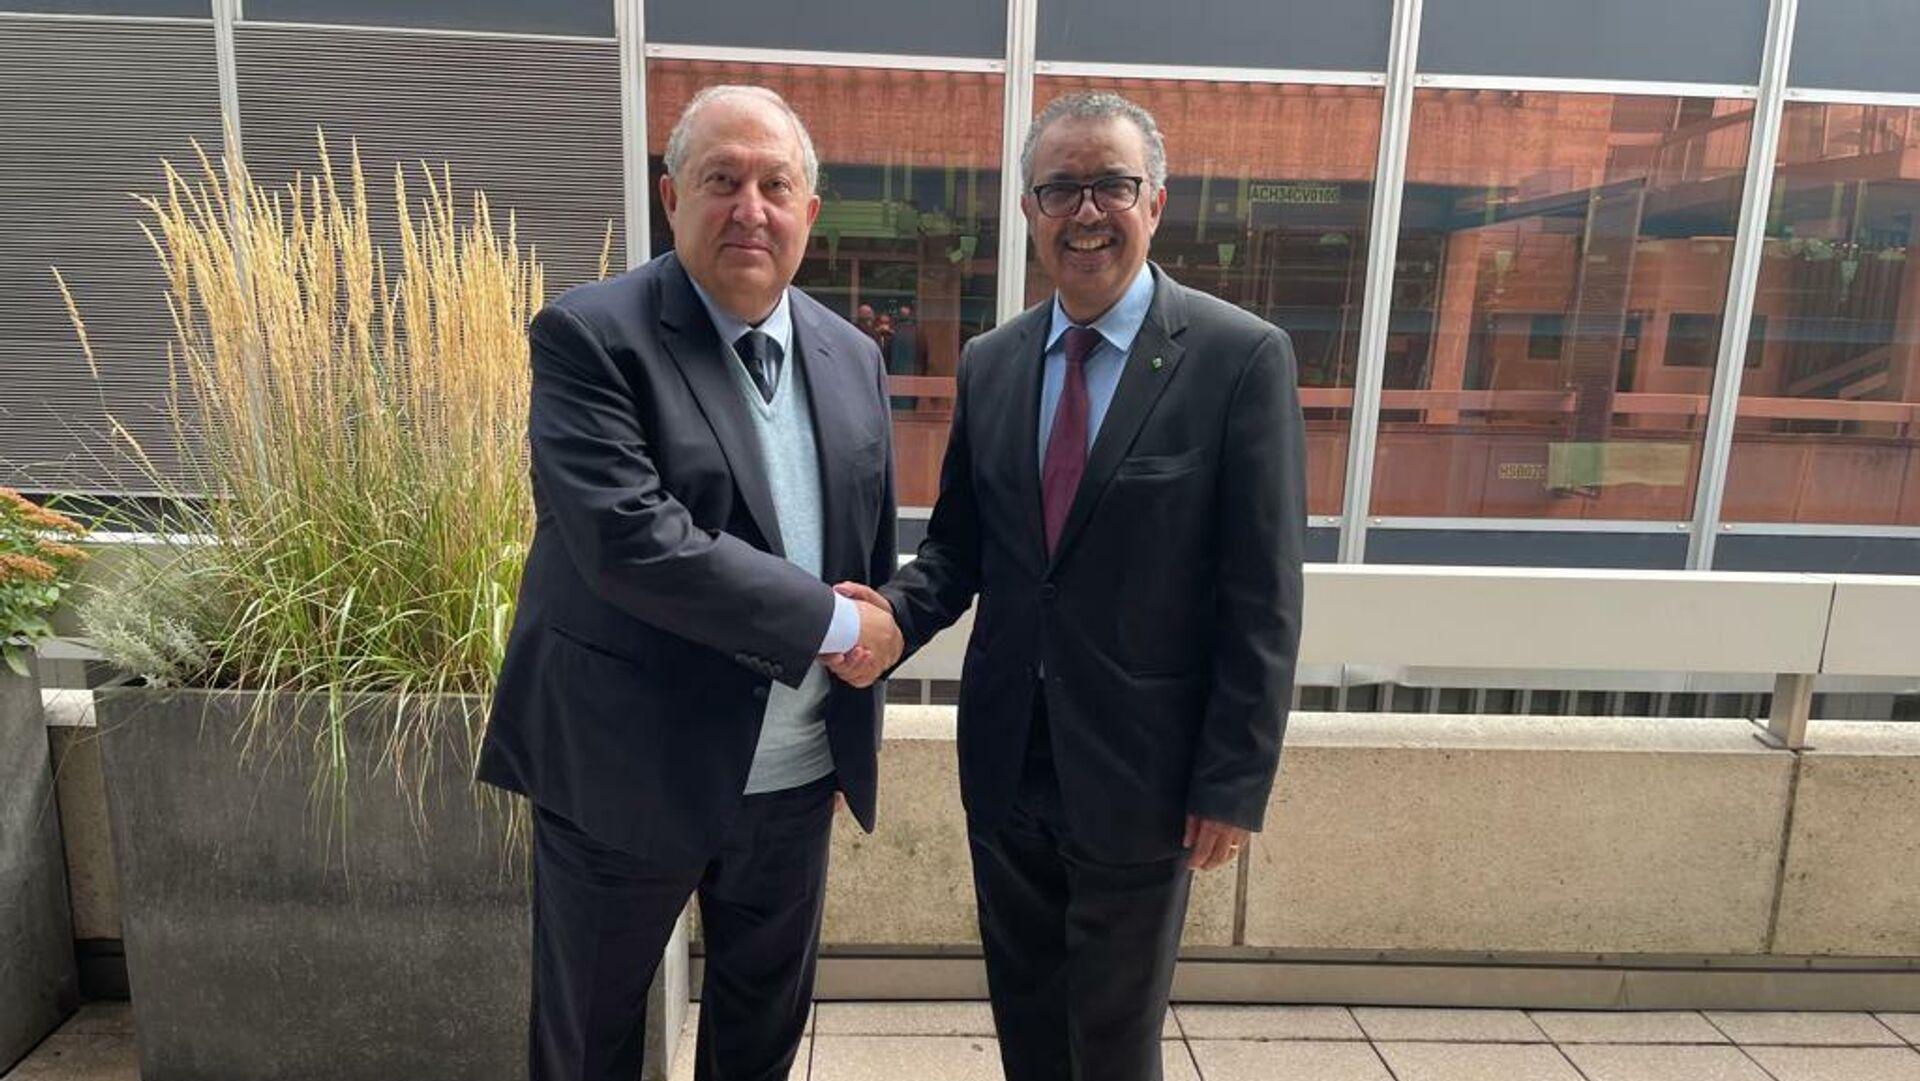 Արմեն Սարգսյանը հանդիպել է ԱՀԿ գլխավոր տնօրենին - Sputnik Արմենիա, 1920, 16.09.2021